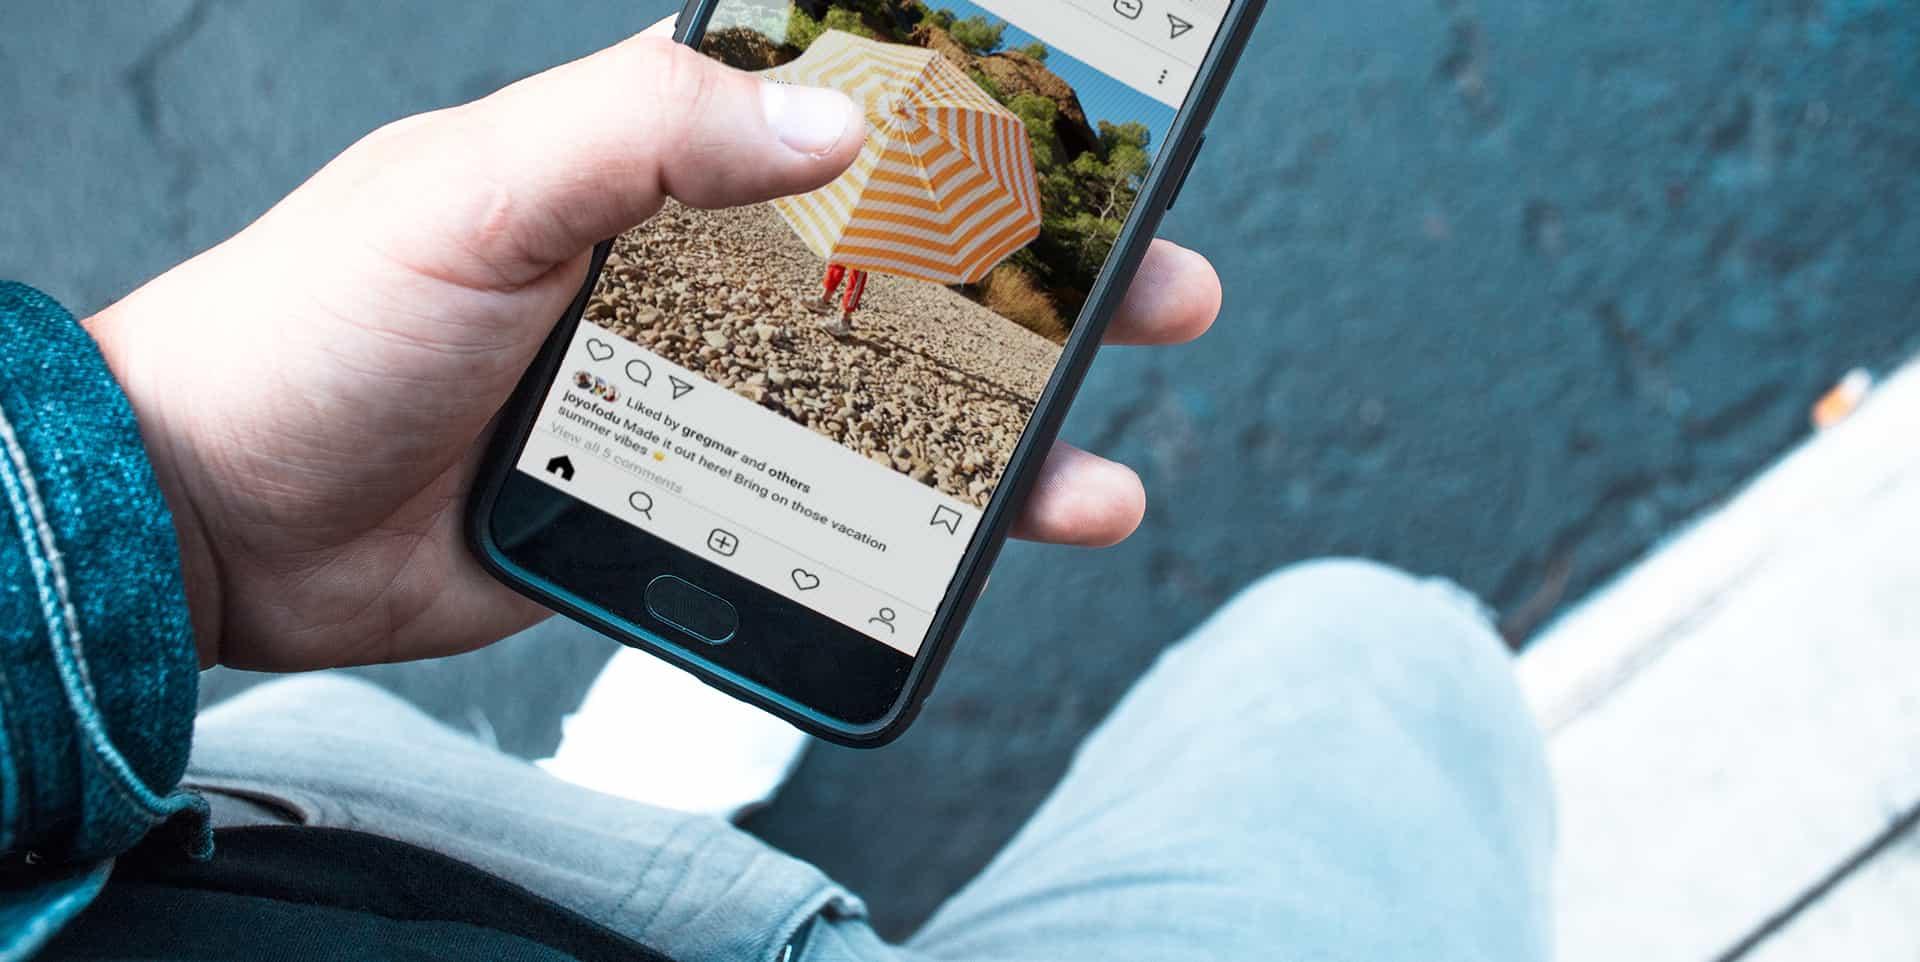 Un ragazzo guarda lo smartphone e scorre la bacheca di Instagram senza like